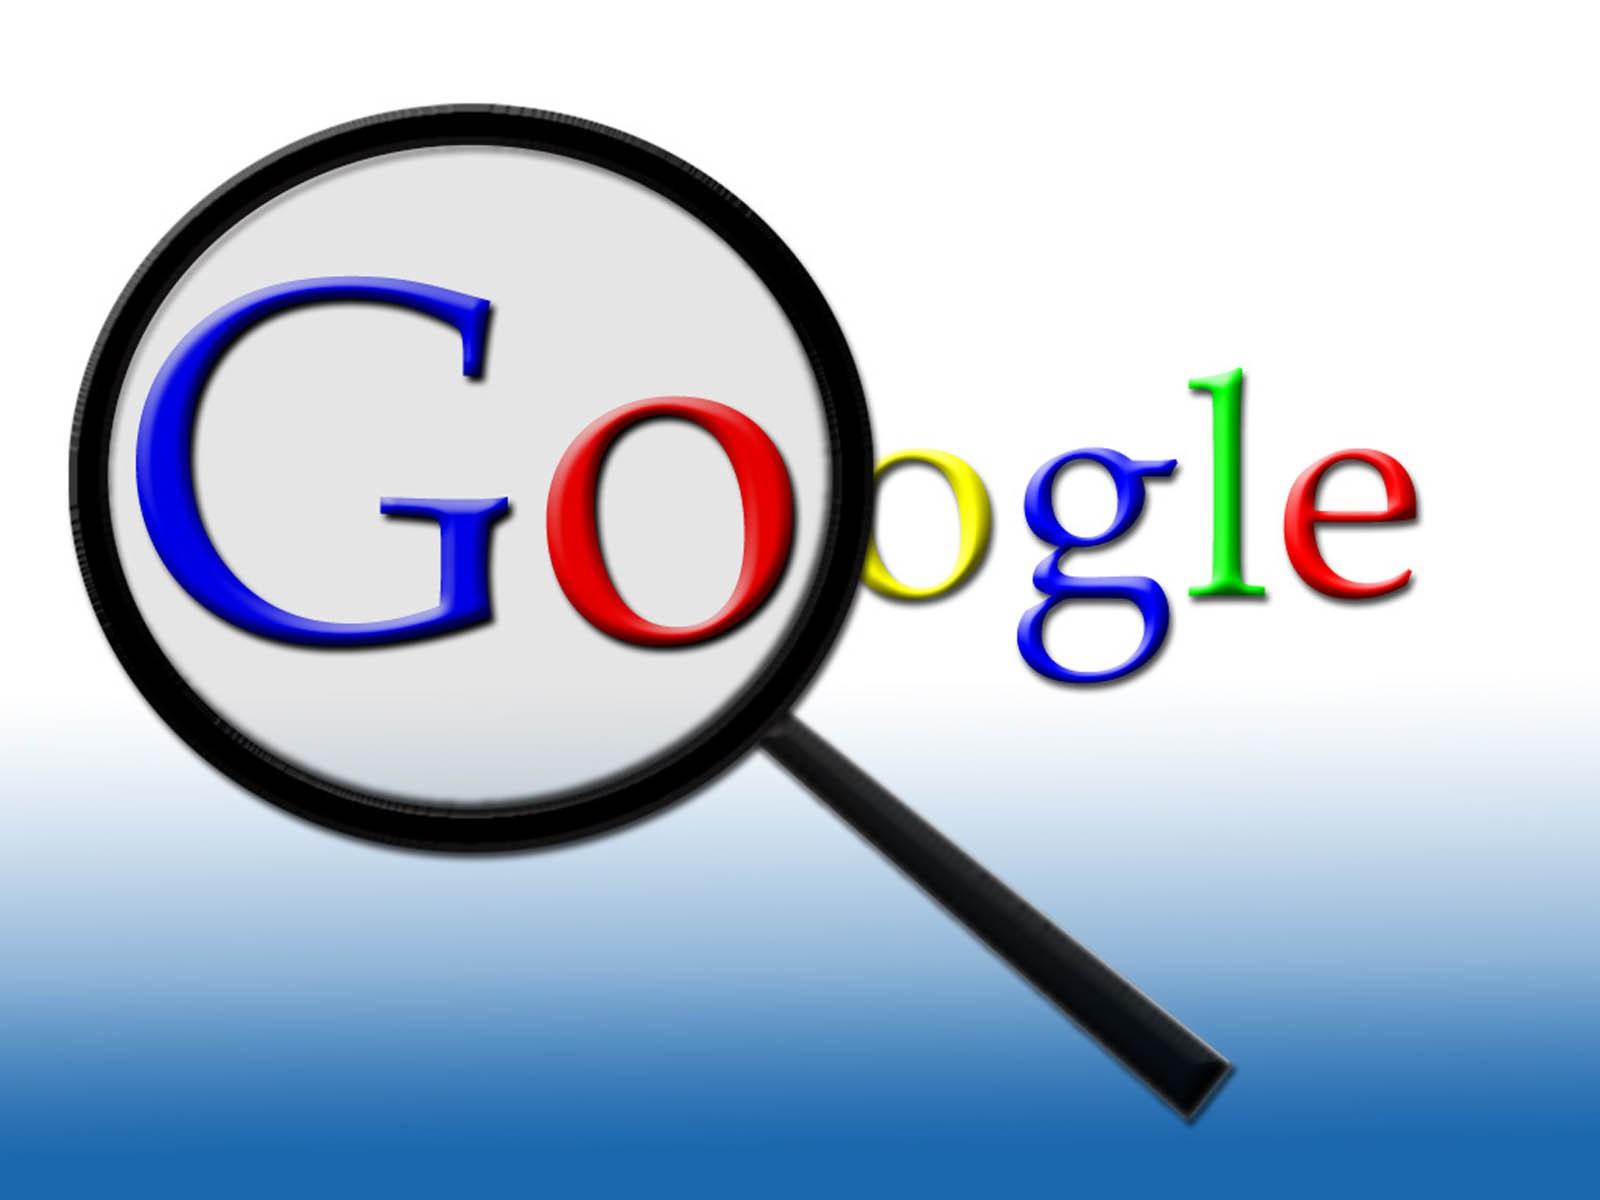 Google Noticias cerrará en España, ¿cómo afecta a los demás países?